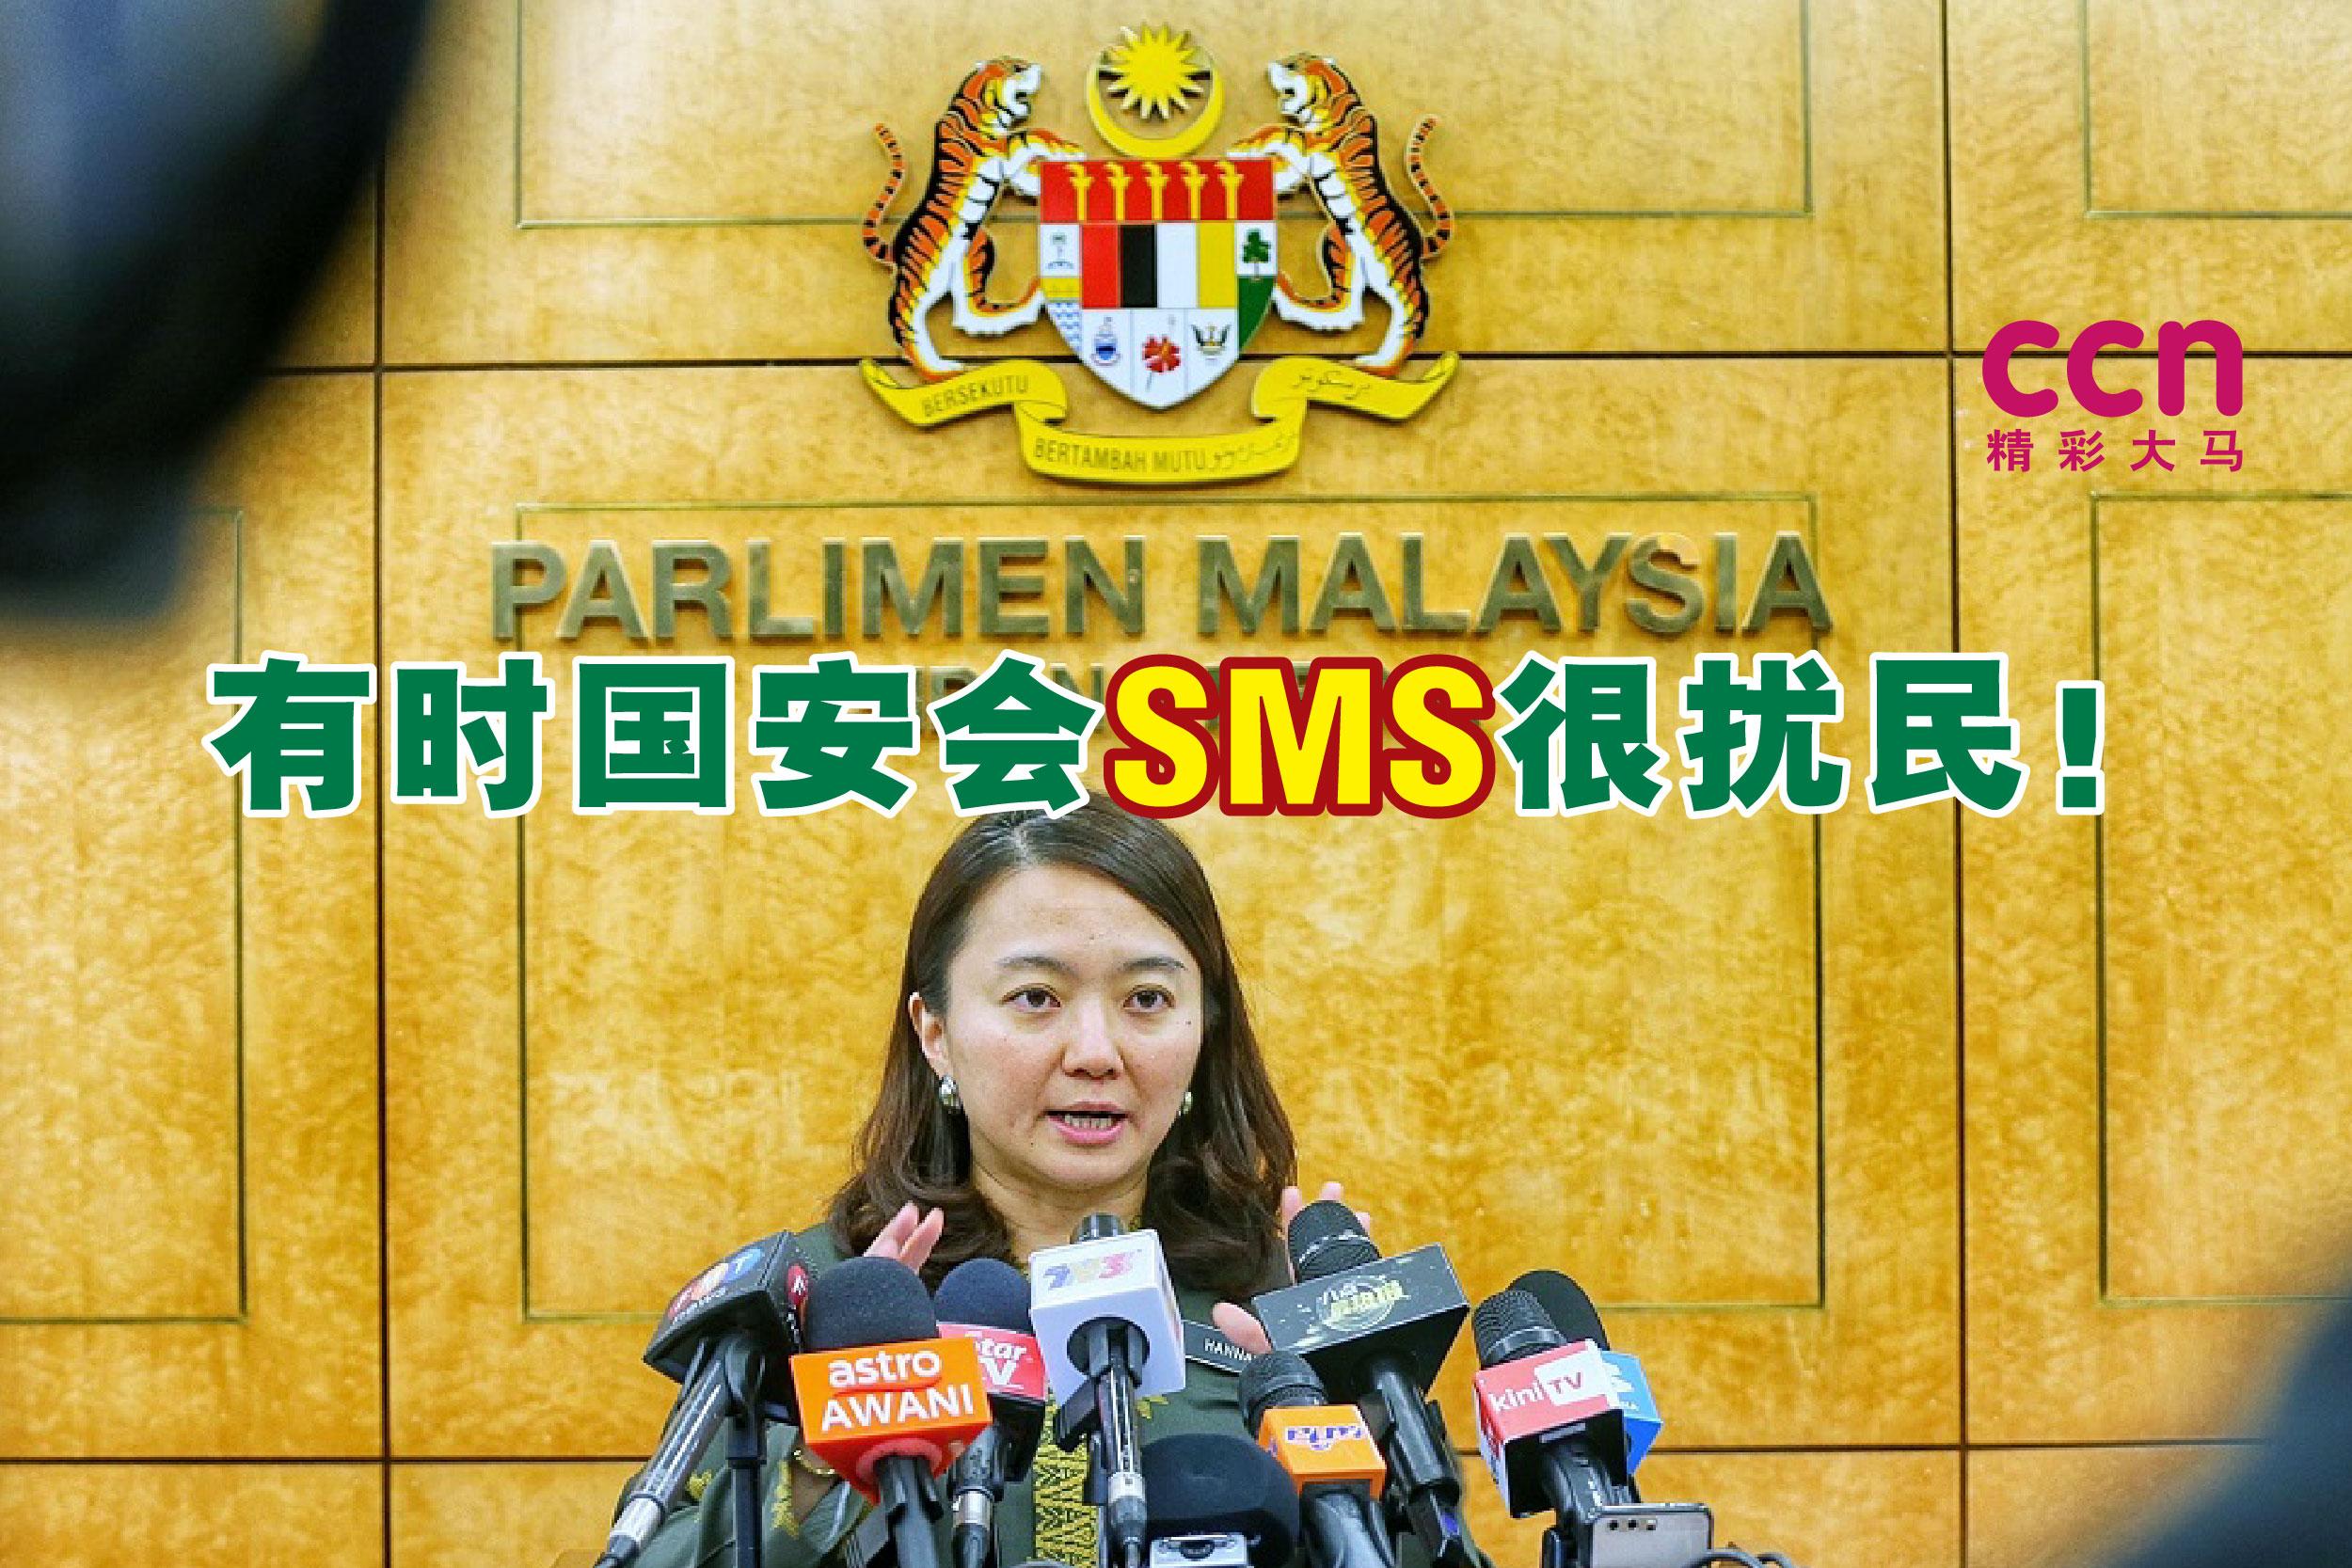 杨巧双指国安会的SMS有时是政治宣传,变成扰人的讯息。-Ahmad Zamzahuri摄-